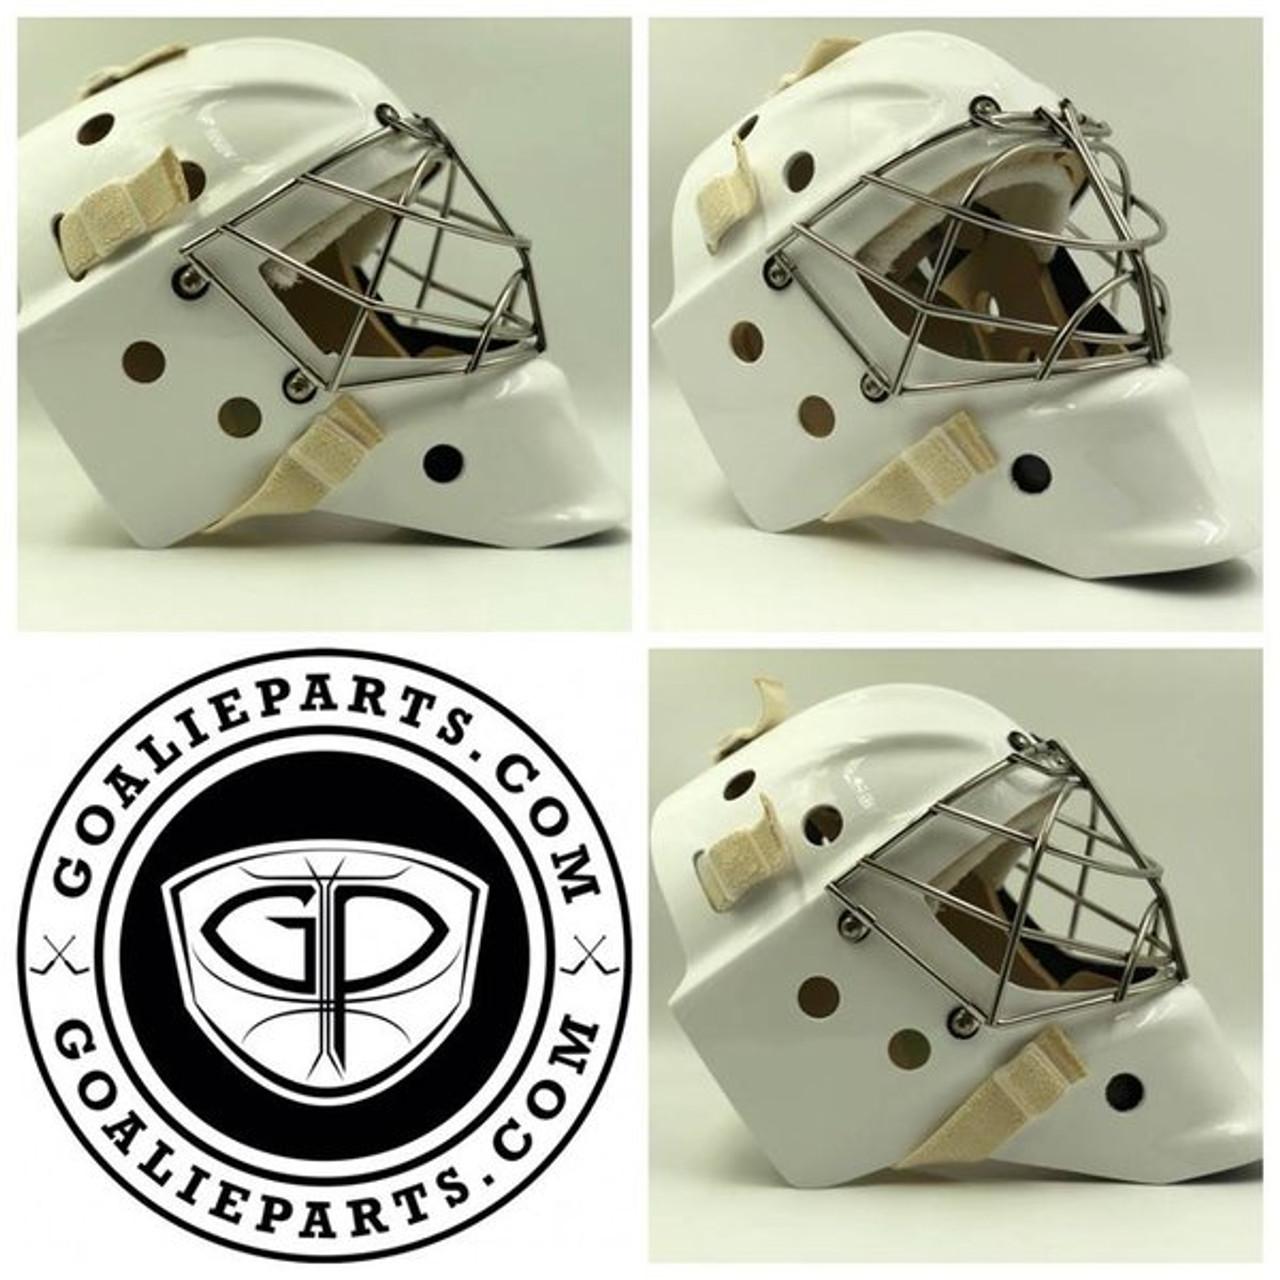 OTNY CC Pro Goalie Mask